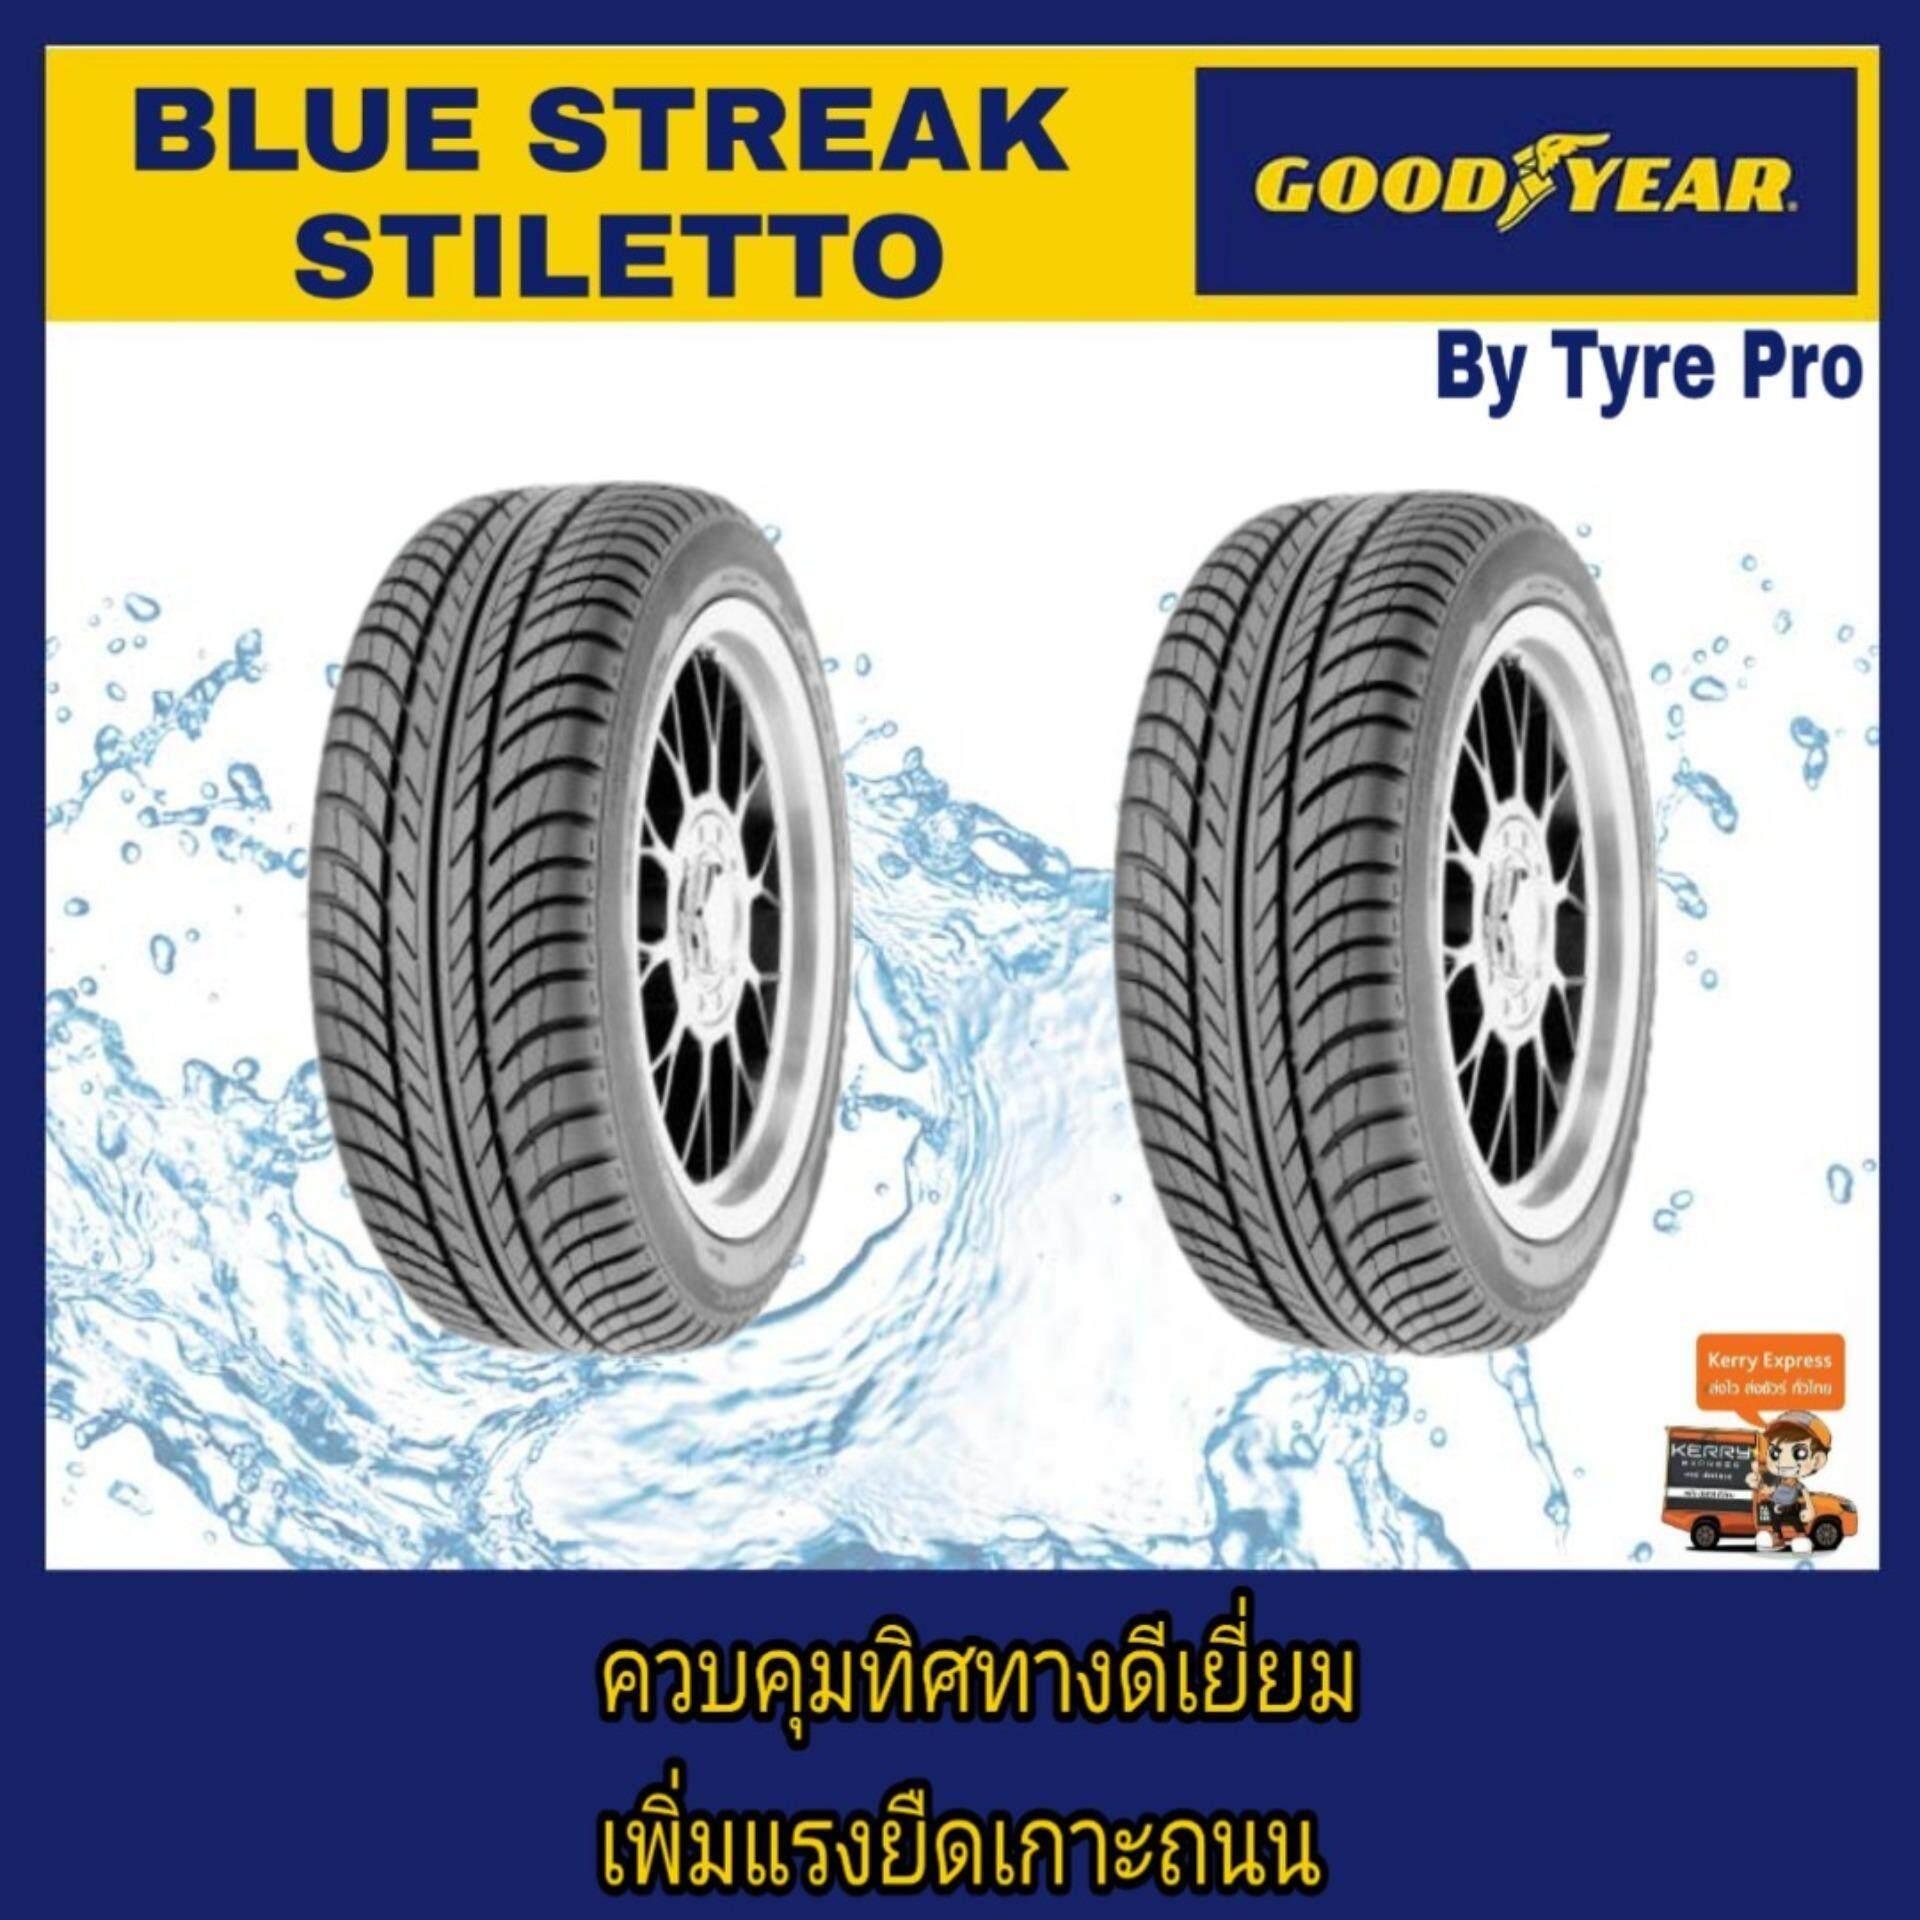 ประกันภัย รถยนต์ 2+ สมุทรปราการ Goodyear ยางรถยนต์ 205/45R17 รุ่น Blue Streak Stiletto(2เส้น)